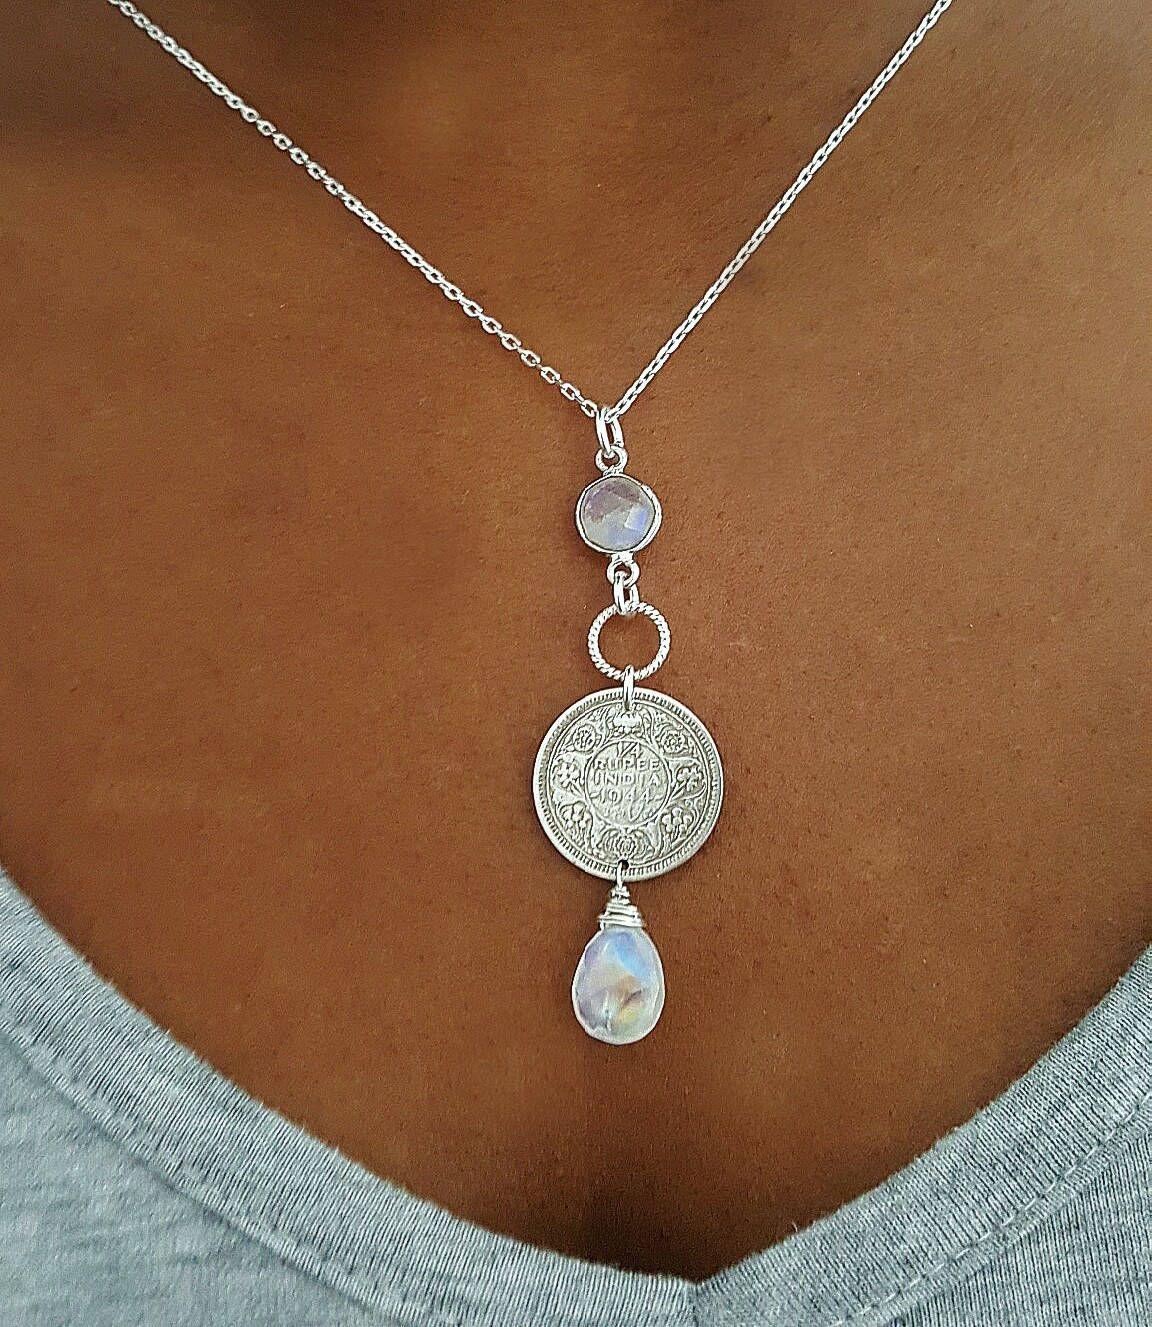 de21f2a8bf899 Moonstone coin necklace - Antique silver 1940s India quarter rupee ...